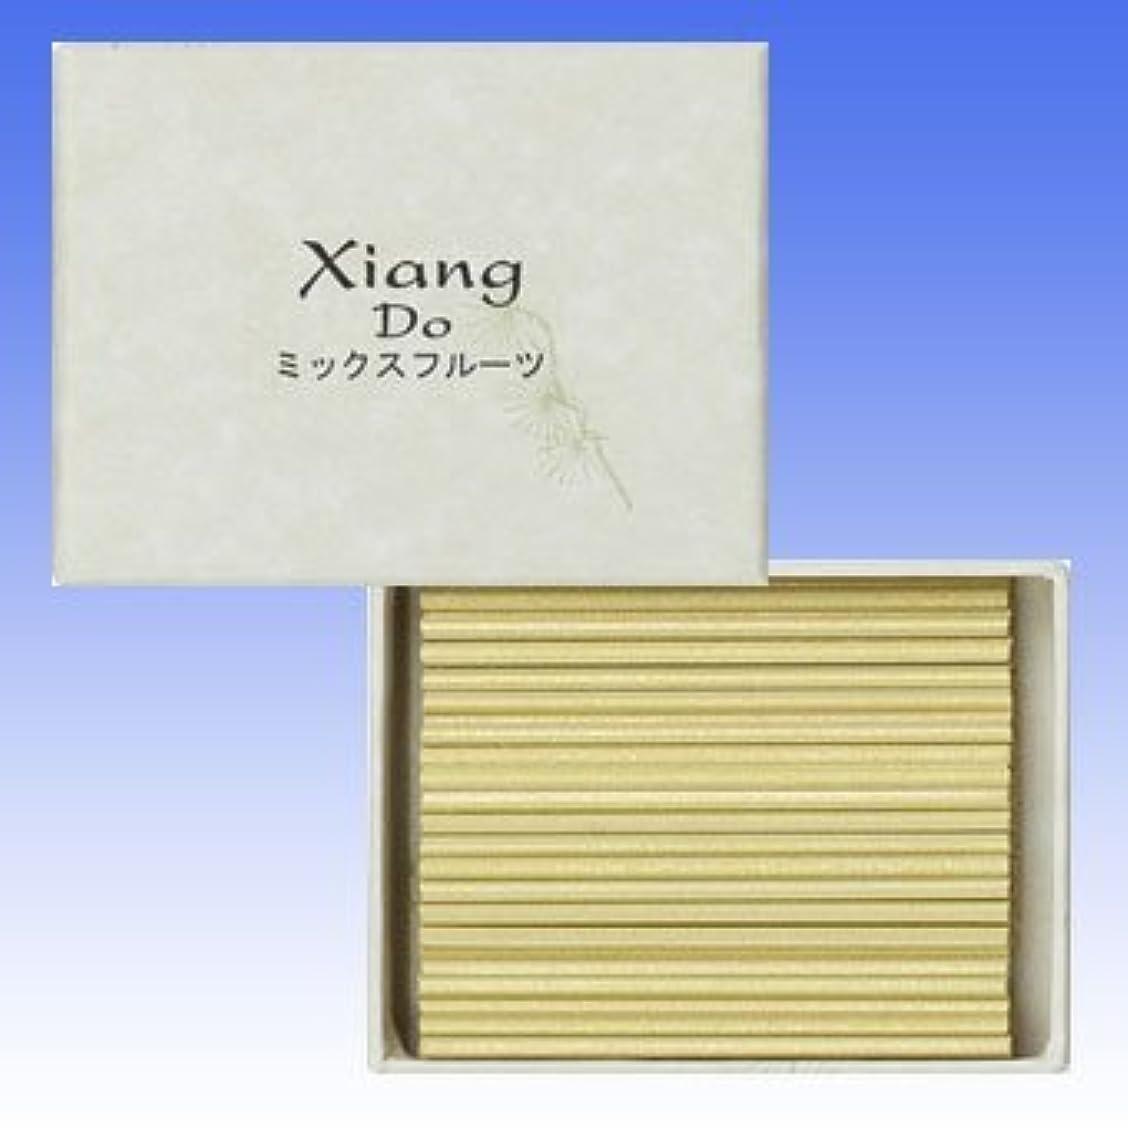 フィードバック信号。松栄堂 Xiang Do(シァン ドゥ) 徳用120本入 (ミックスフルーツ)